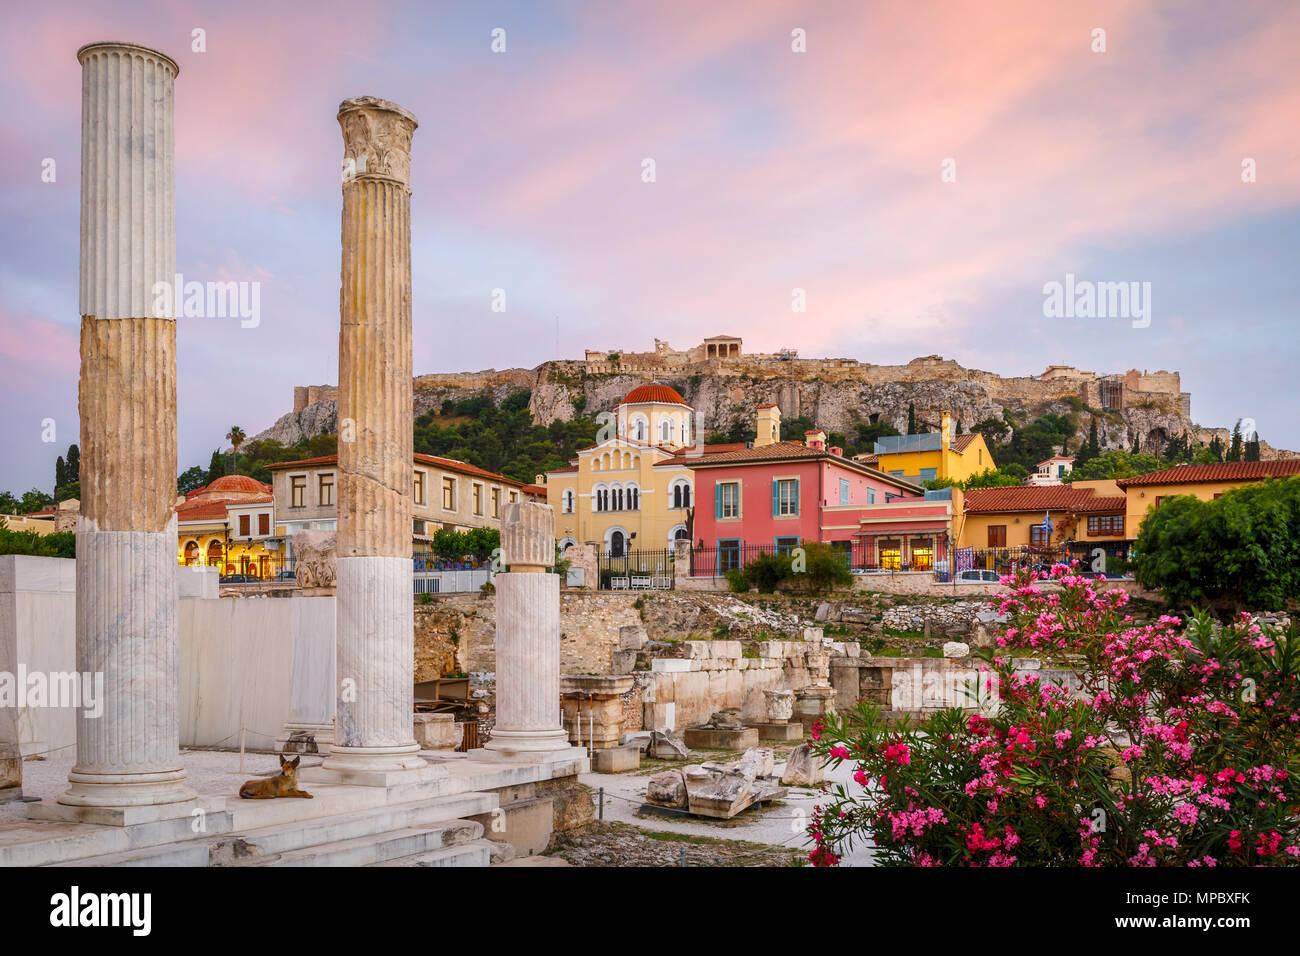 Bleibt der Hadrian's Bibliothek und die Akropolis in der Altstadt von Athen, Griechenland. Stockbild